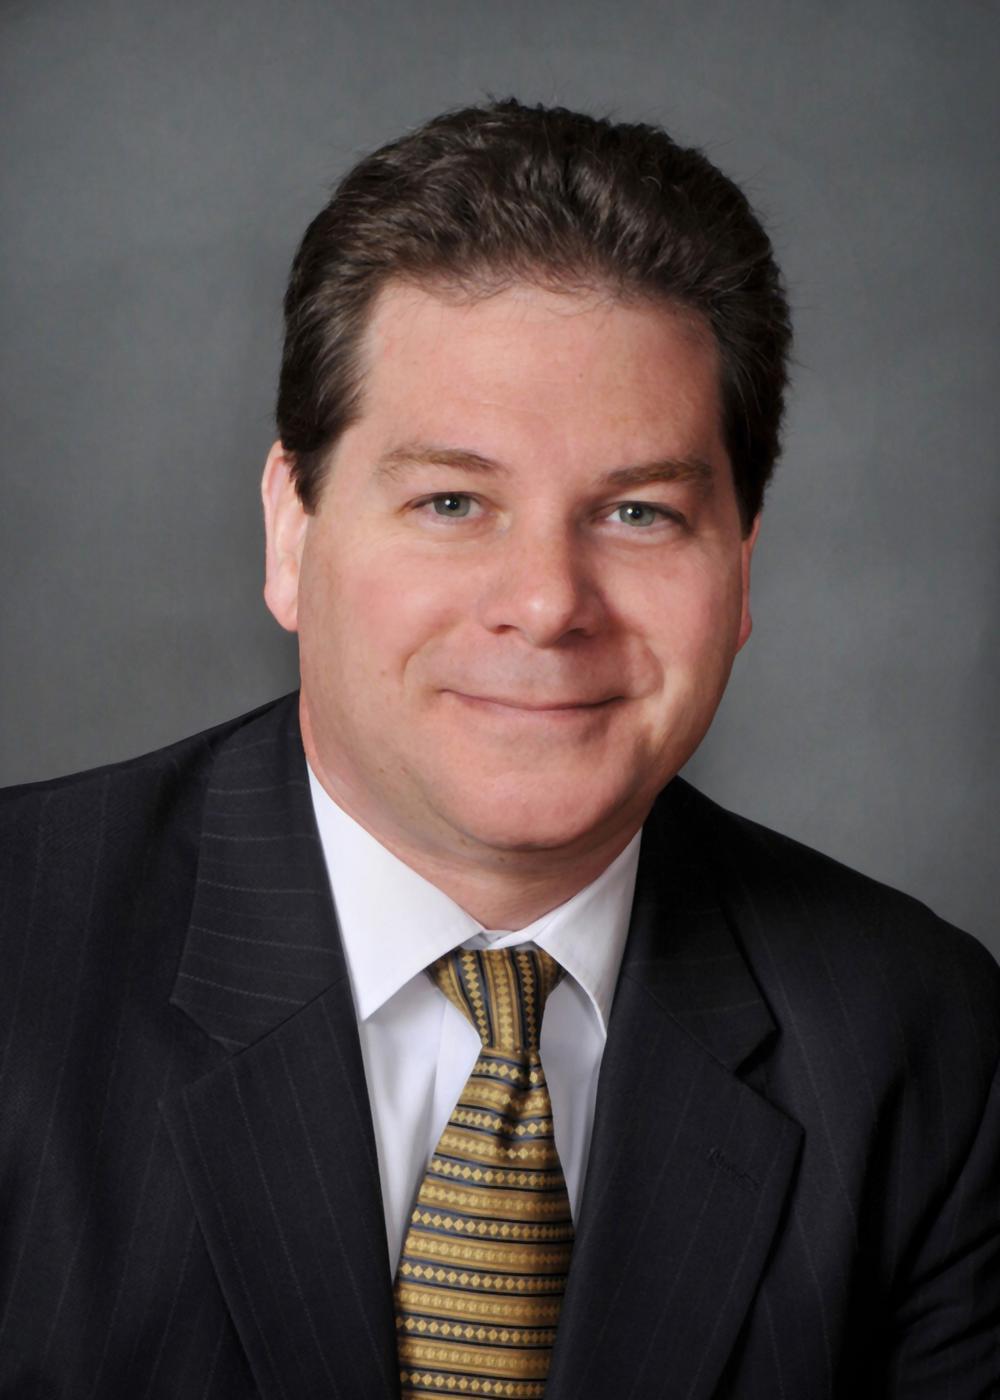 William G. Speciale, J.D., AEP® Photo